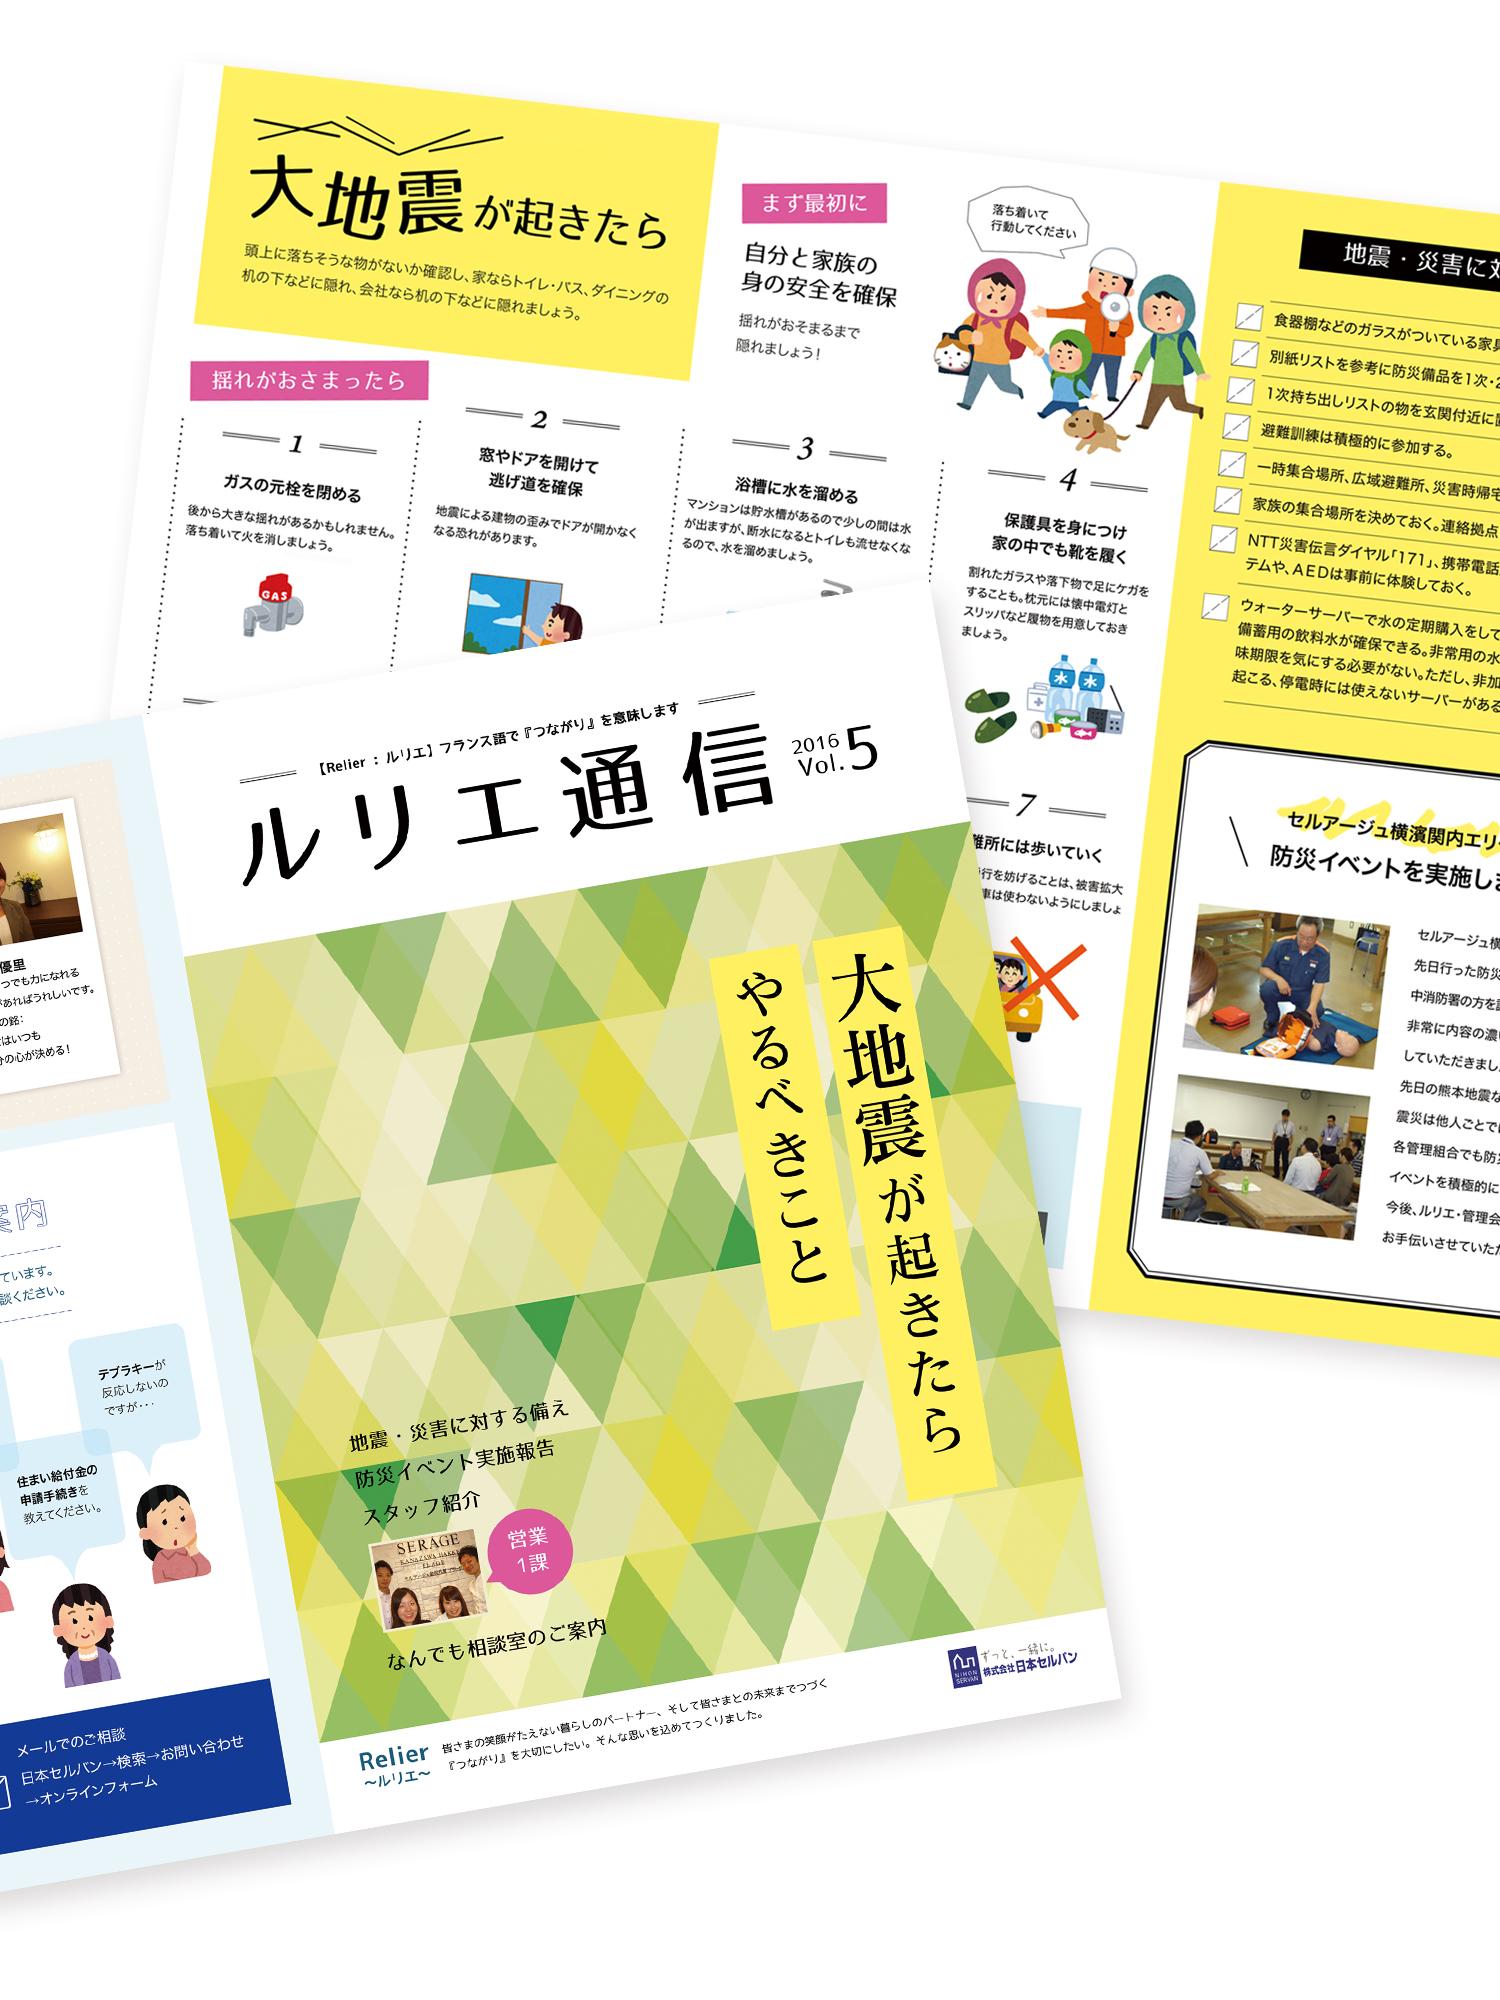 株式会社日本セルバンさま ルリエ通信Vol.5